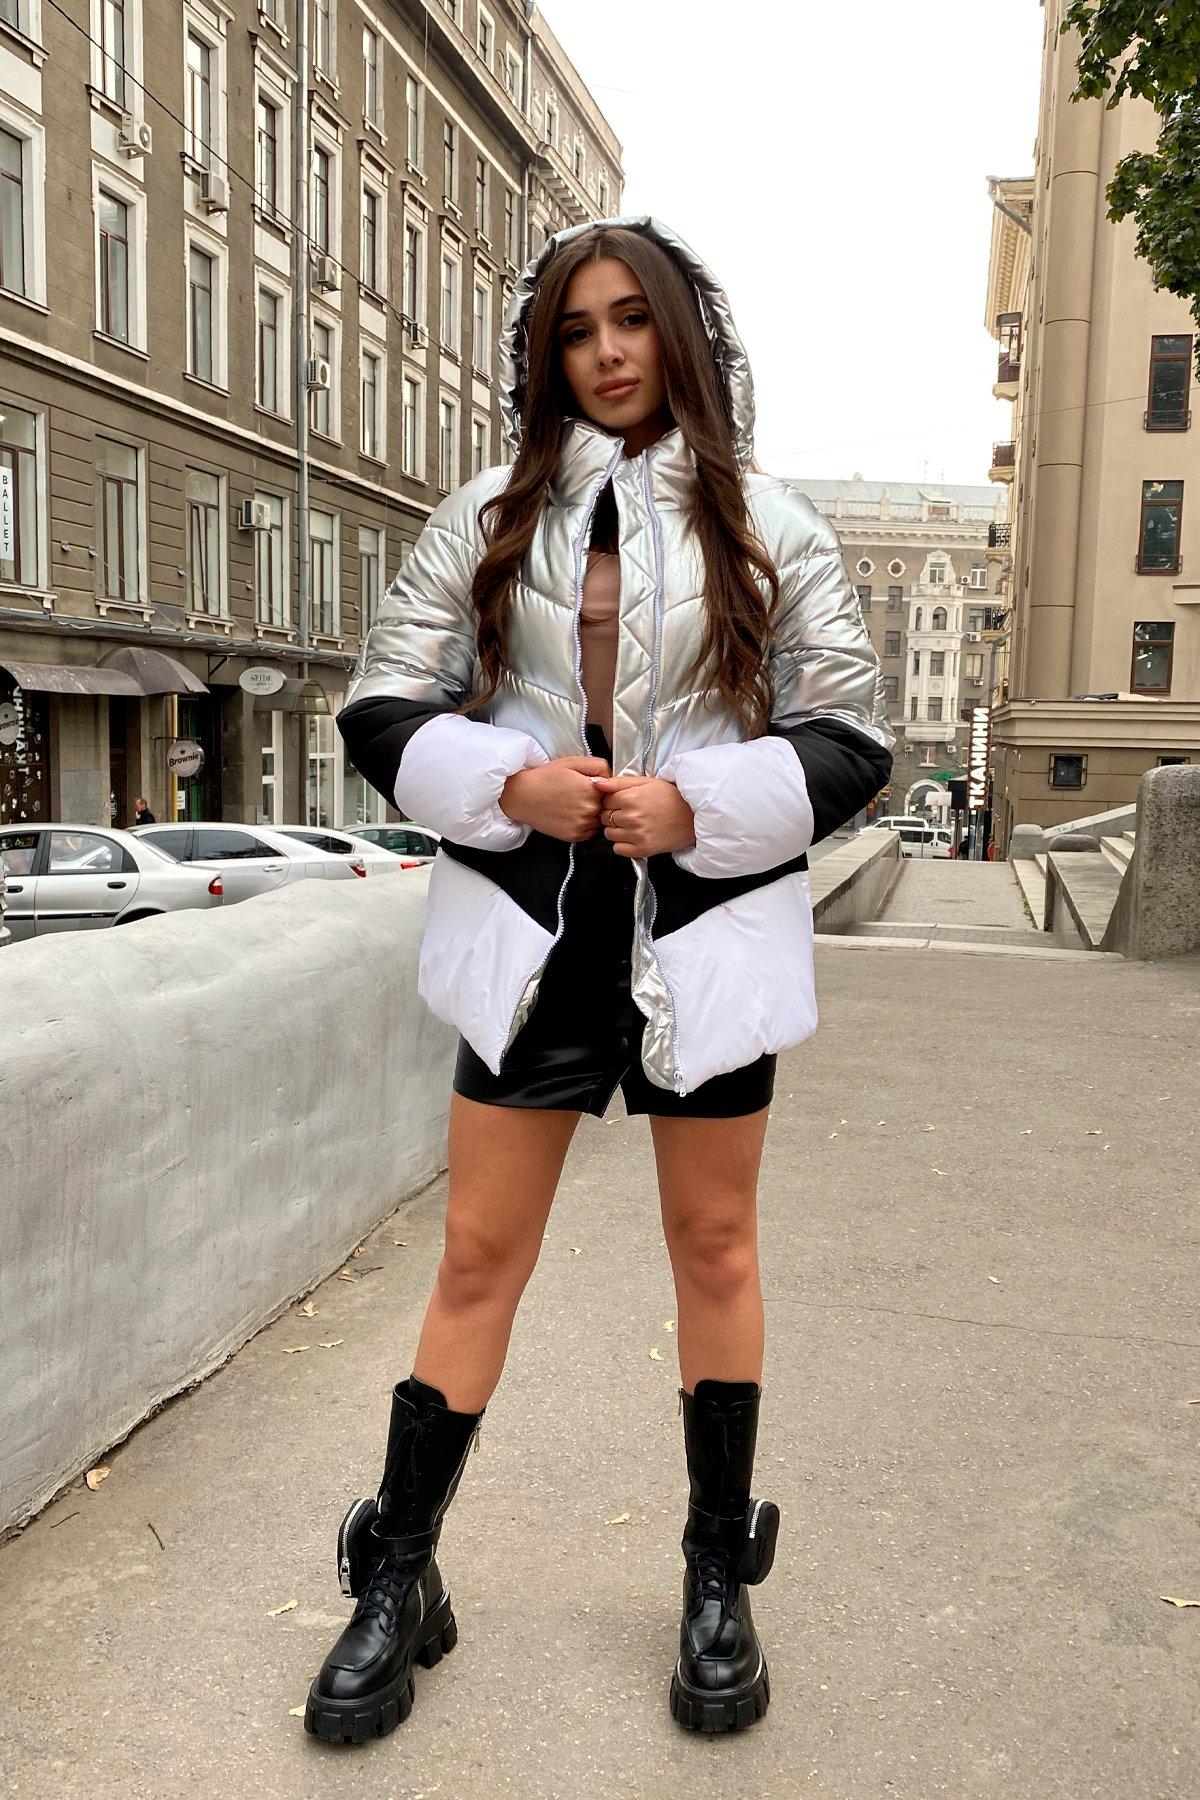 Трехцветный пуховик Австрия 8371 АРТ. 44546 Цвет: Серебро/черный/белый - фото 11, интернет магазин tm-modus.ru